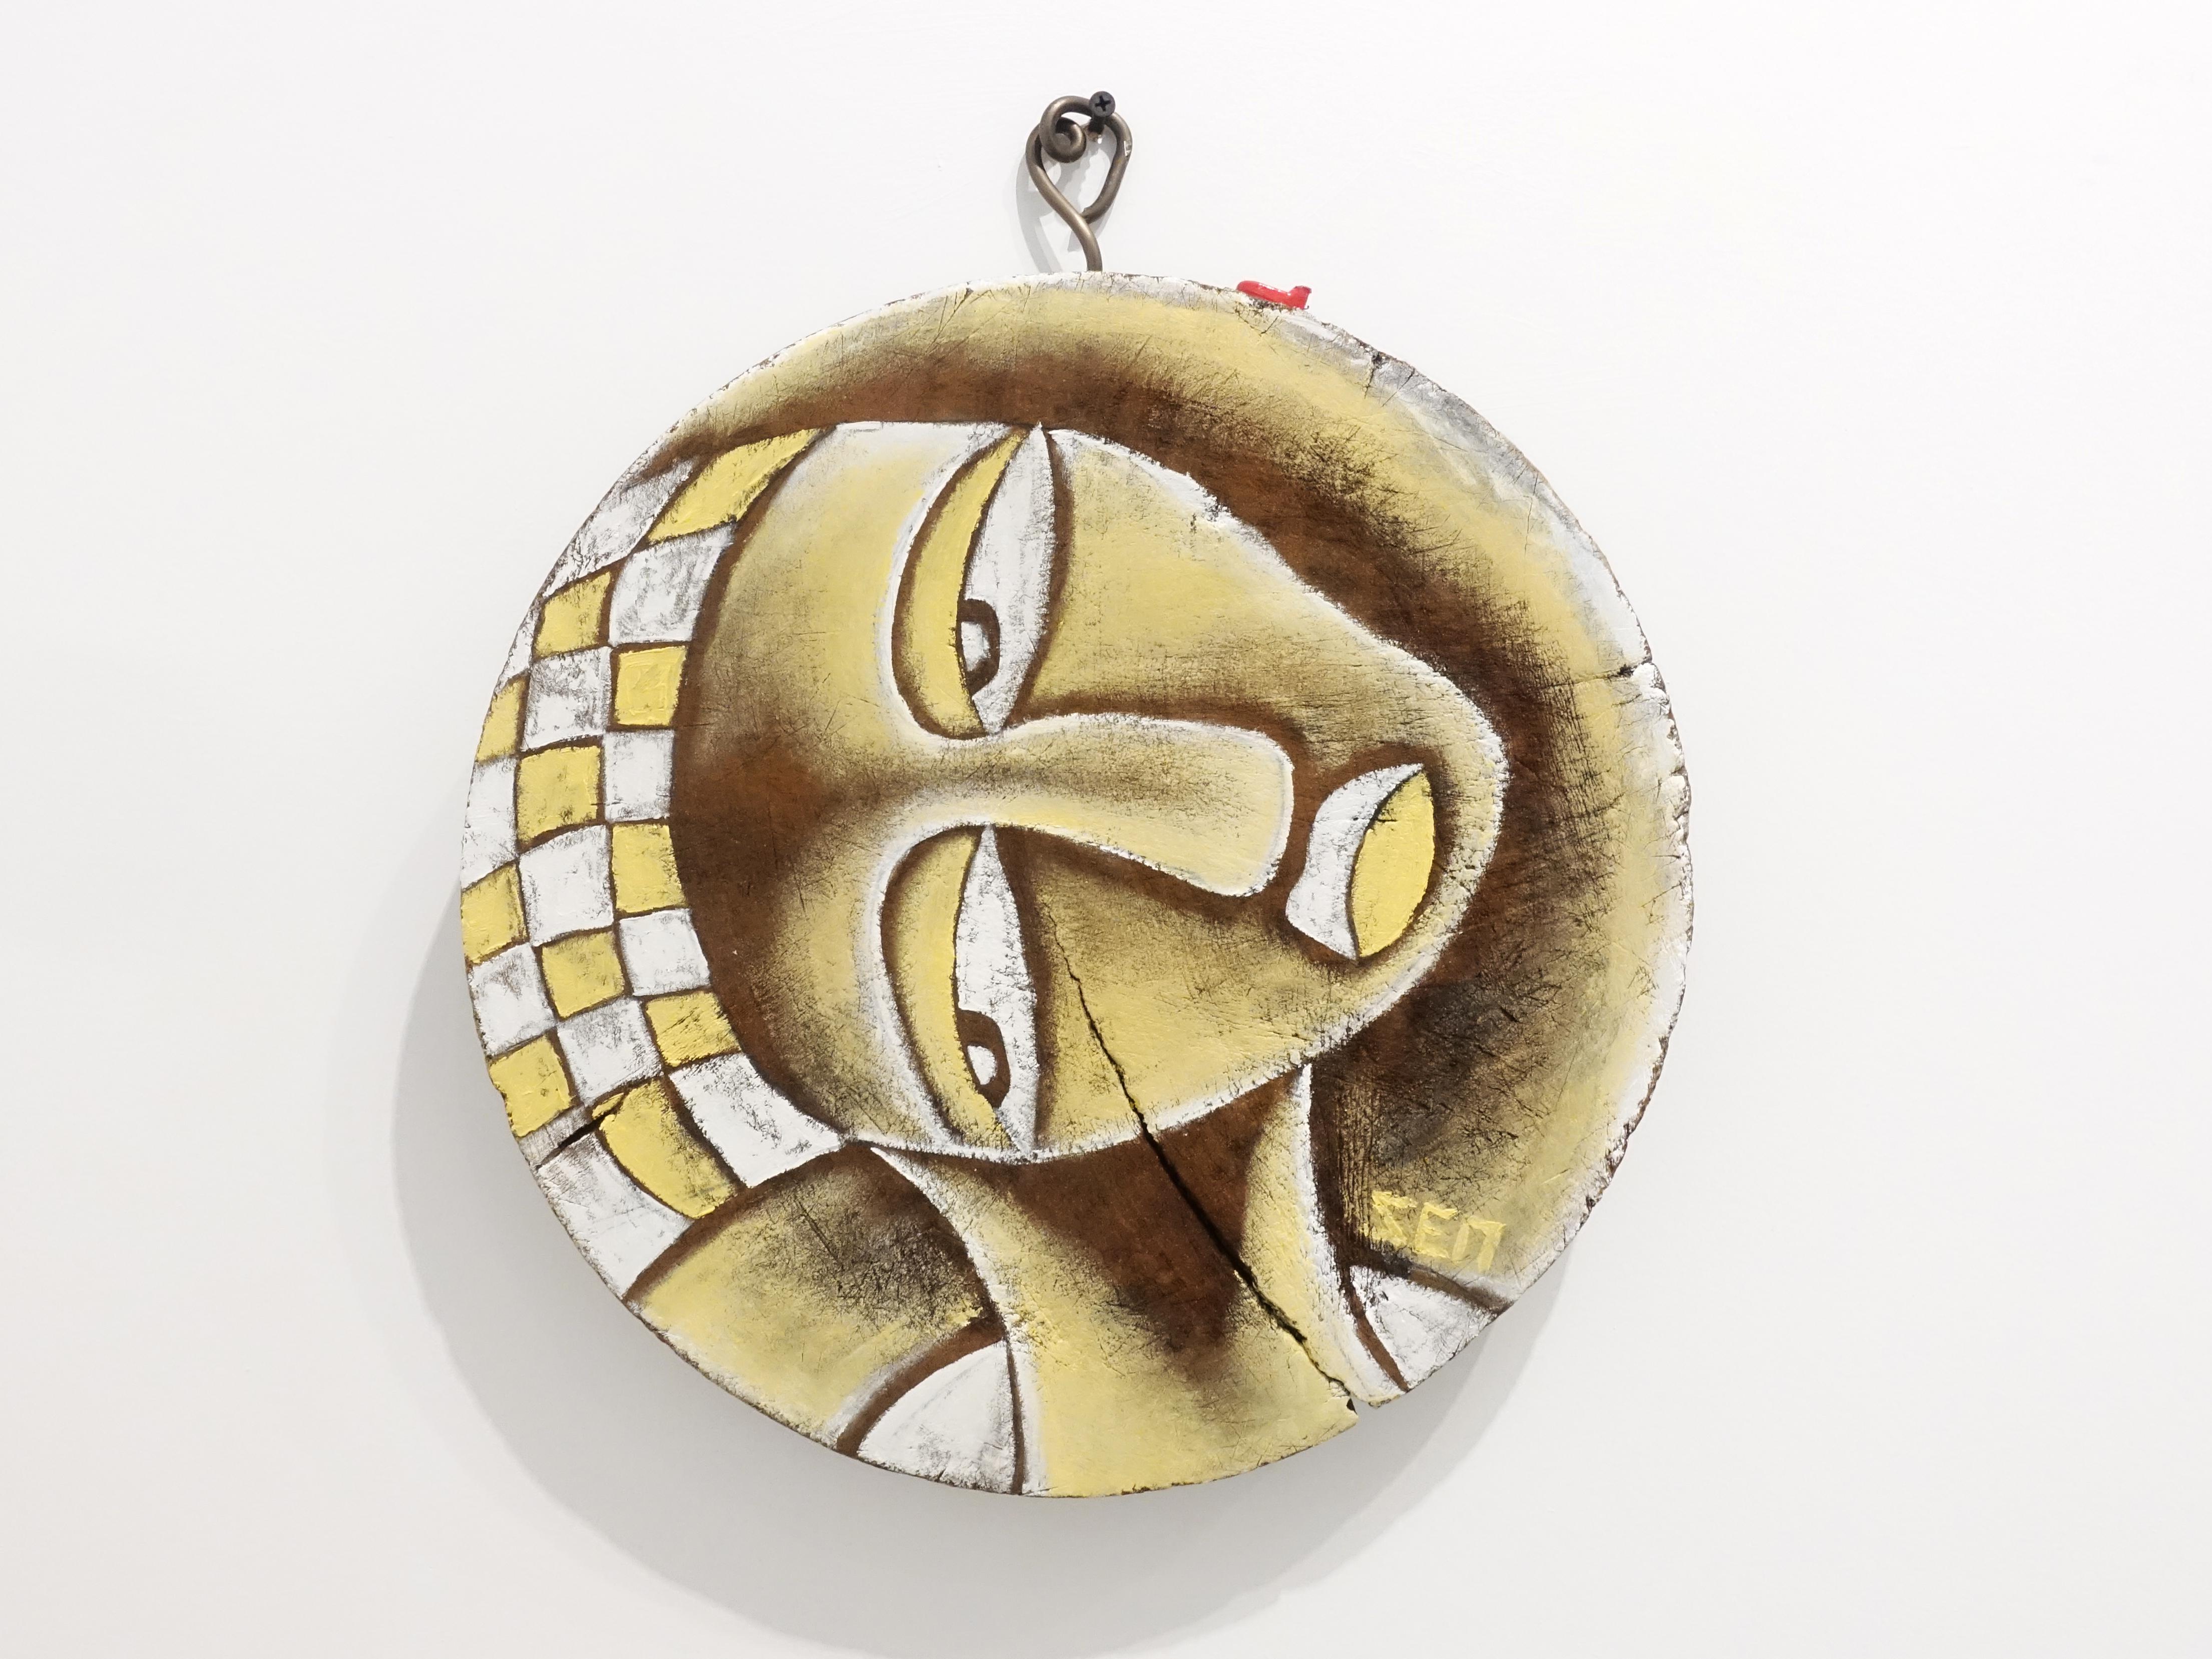 楊樹森,《朱麗葉》,35 x 35 x 4 cm ,漂木油彩,2019。